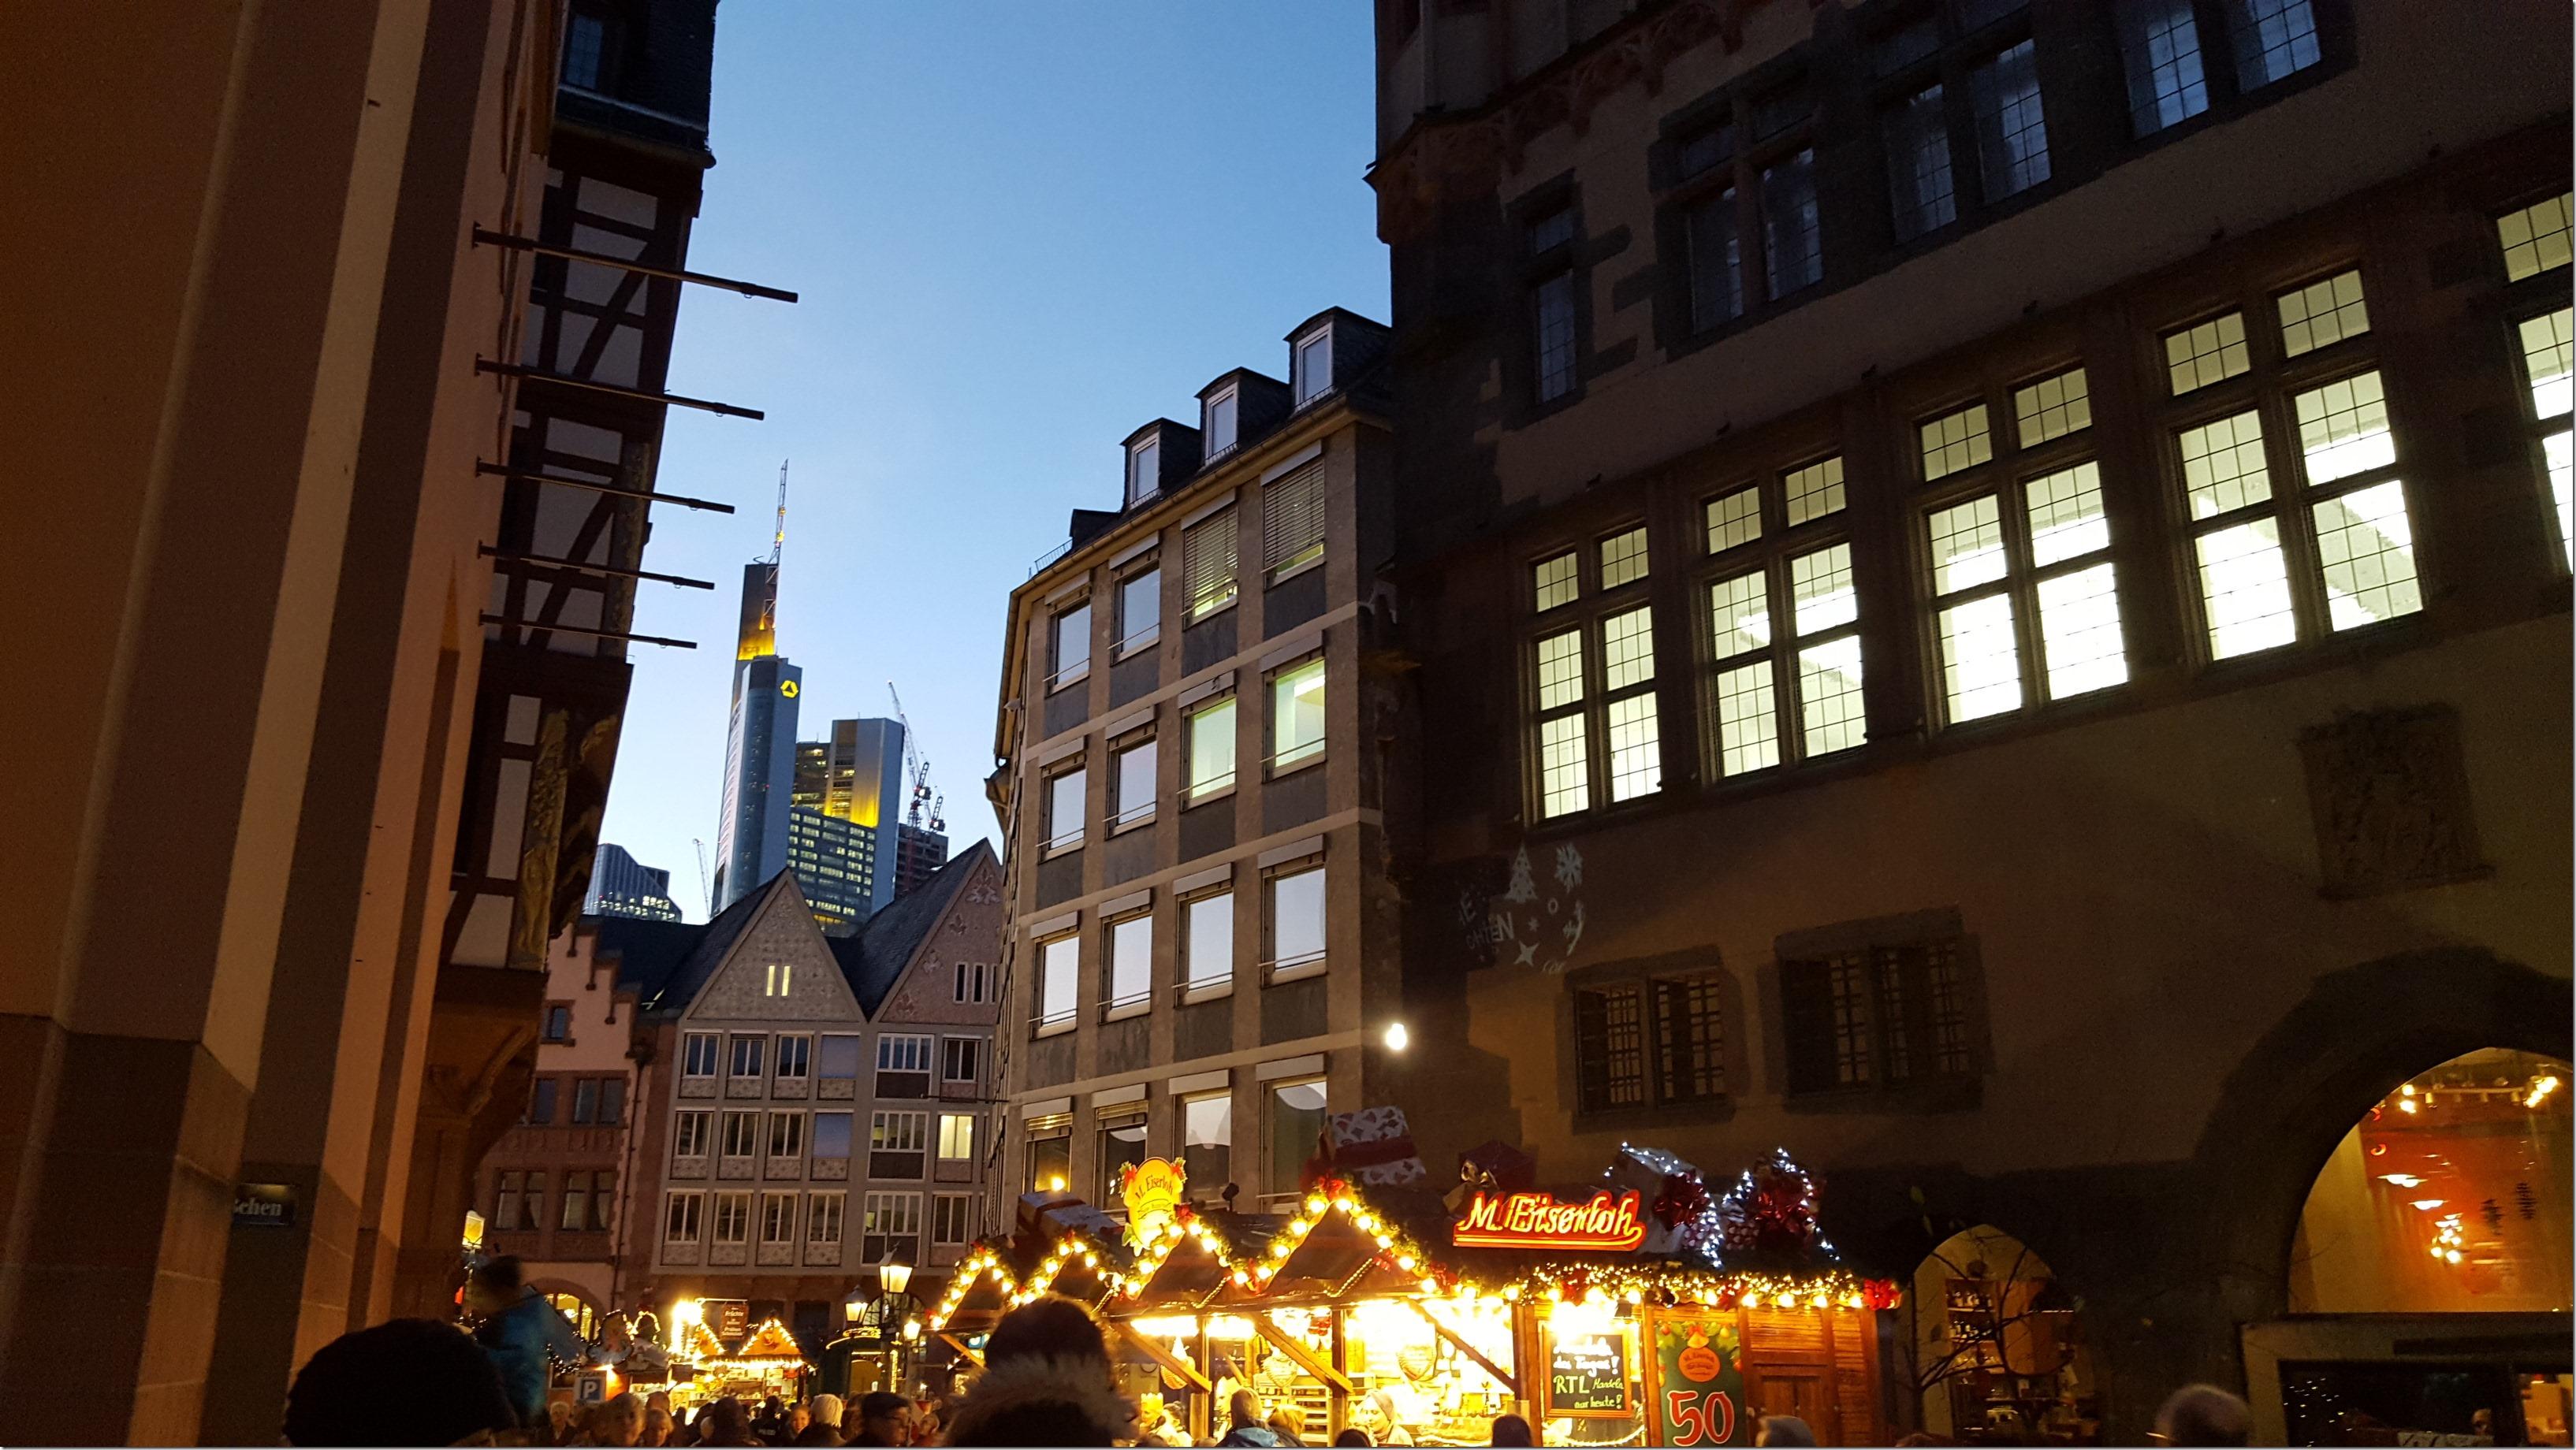 Alte Häuser, Weihnachtsmarkt und im Hintergrund Hochhäuser